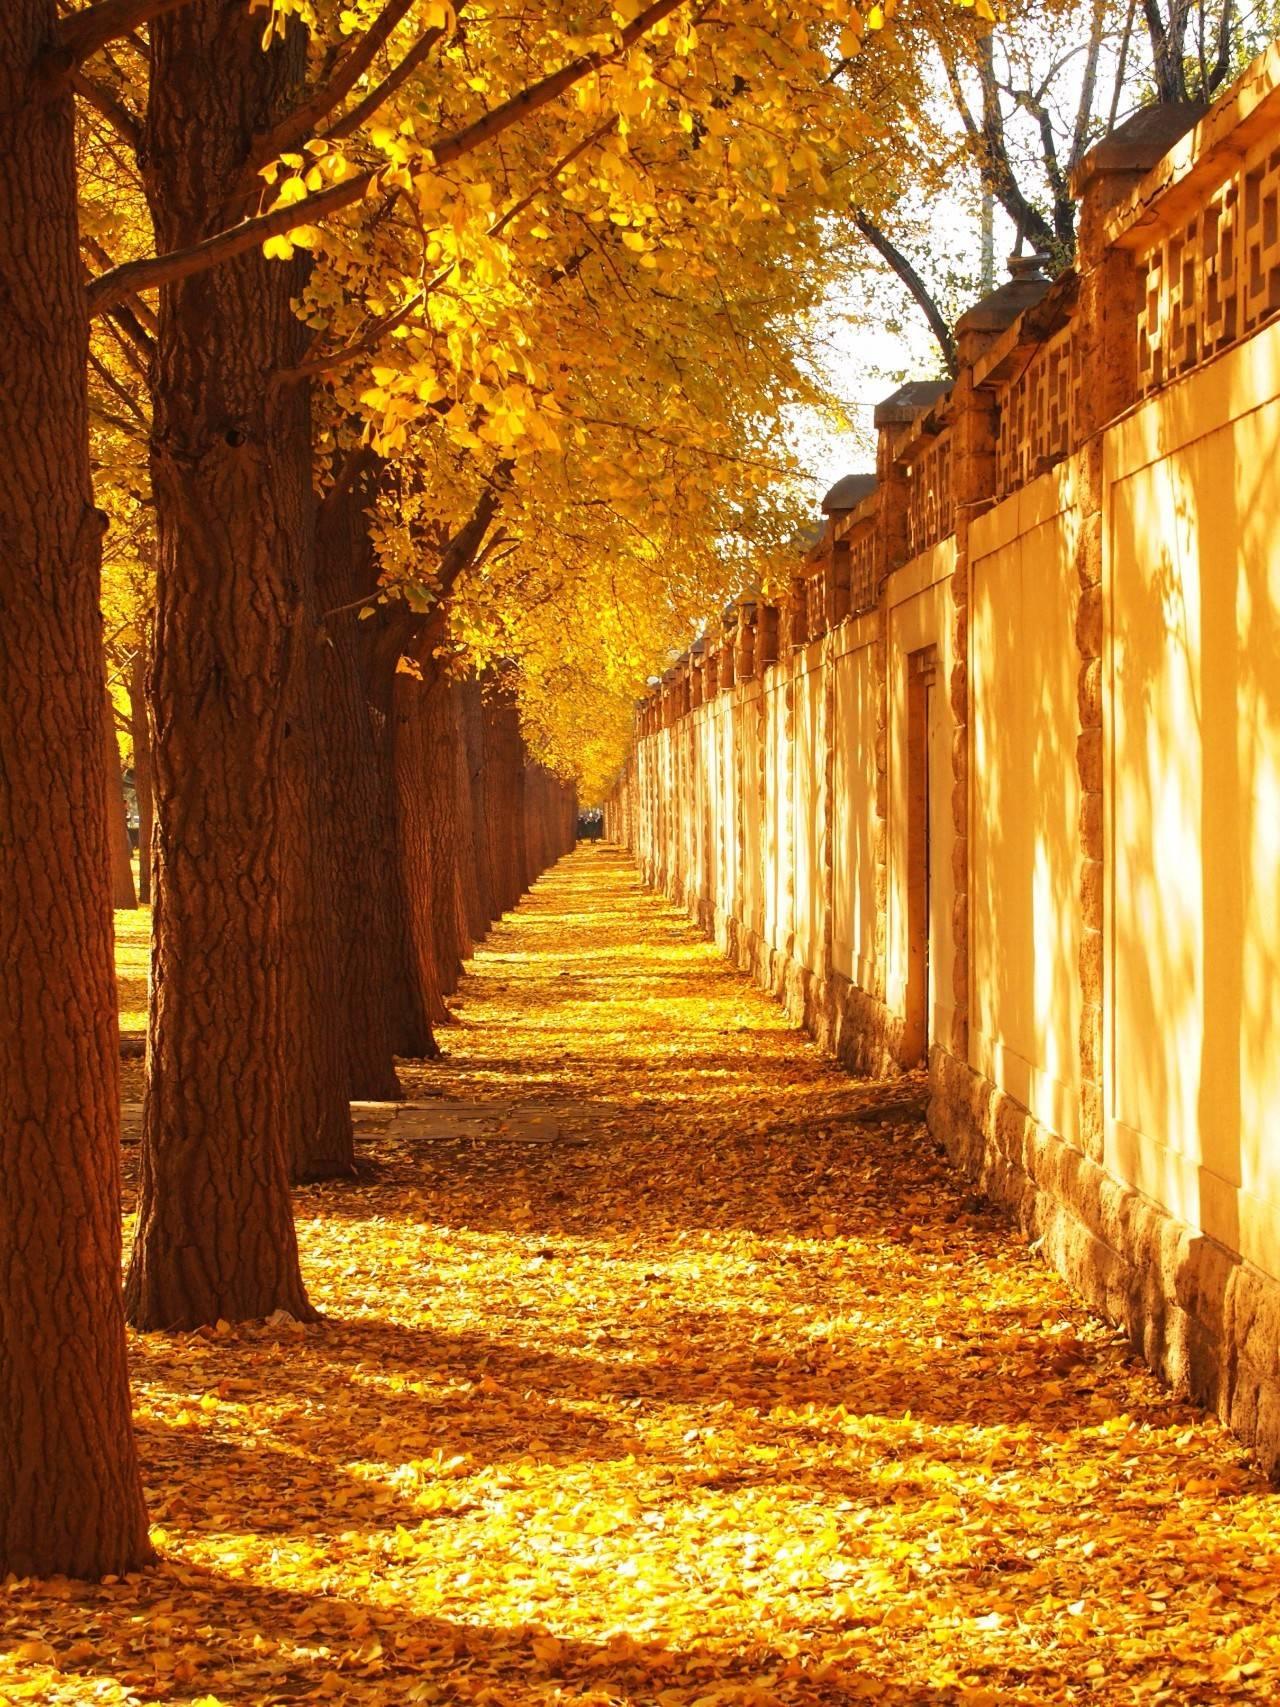 老舍:秋天一定要住北平